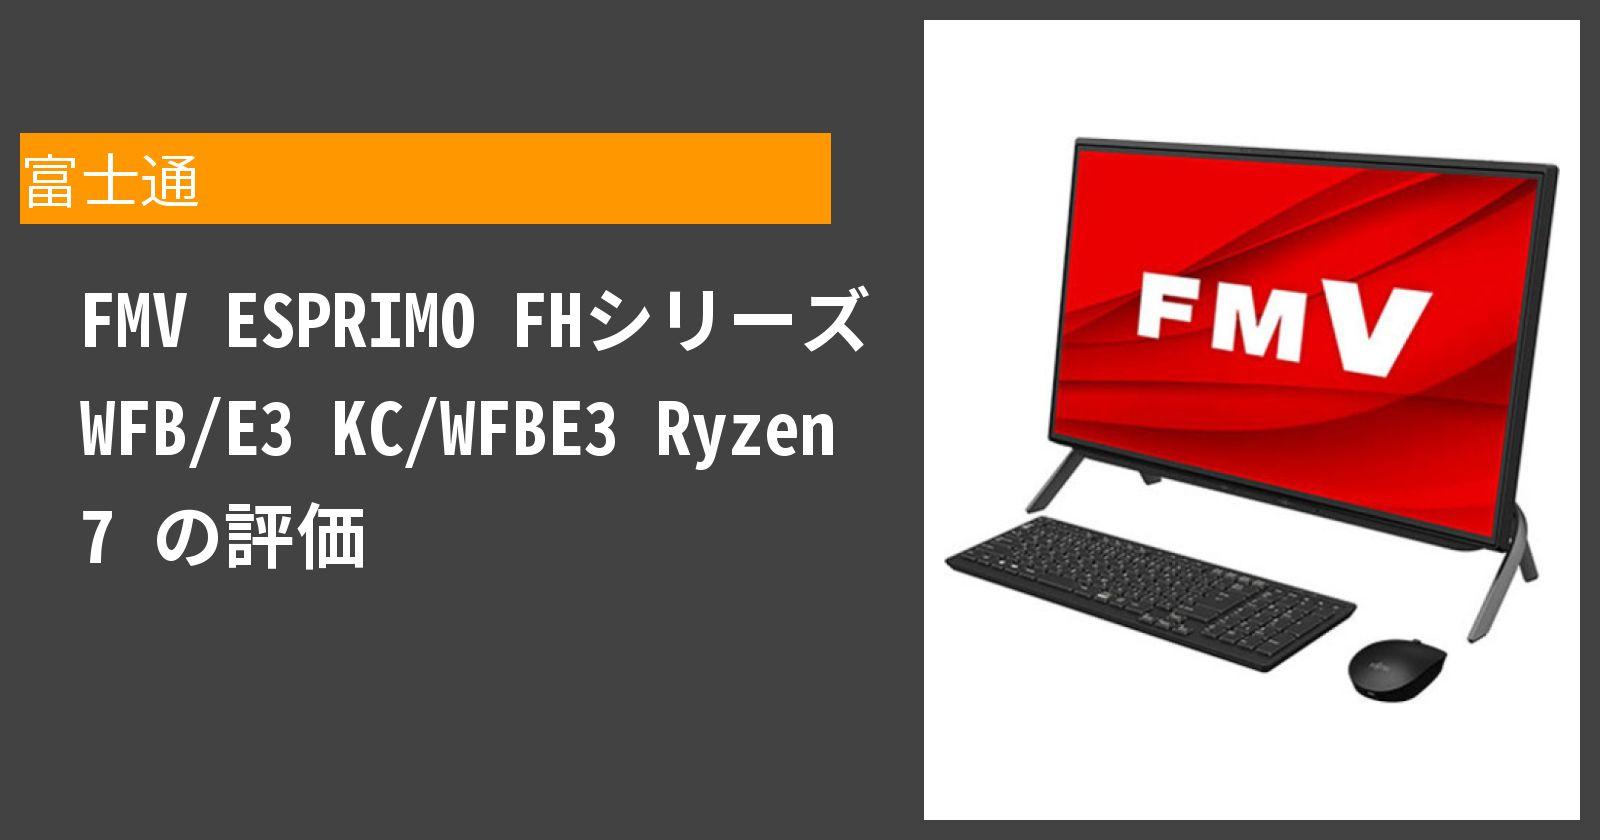 FMV ESPRIMO FHシリーズ WFB/E3 KC/WFBE3 Ryzen 7を徹底評価